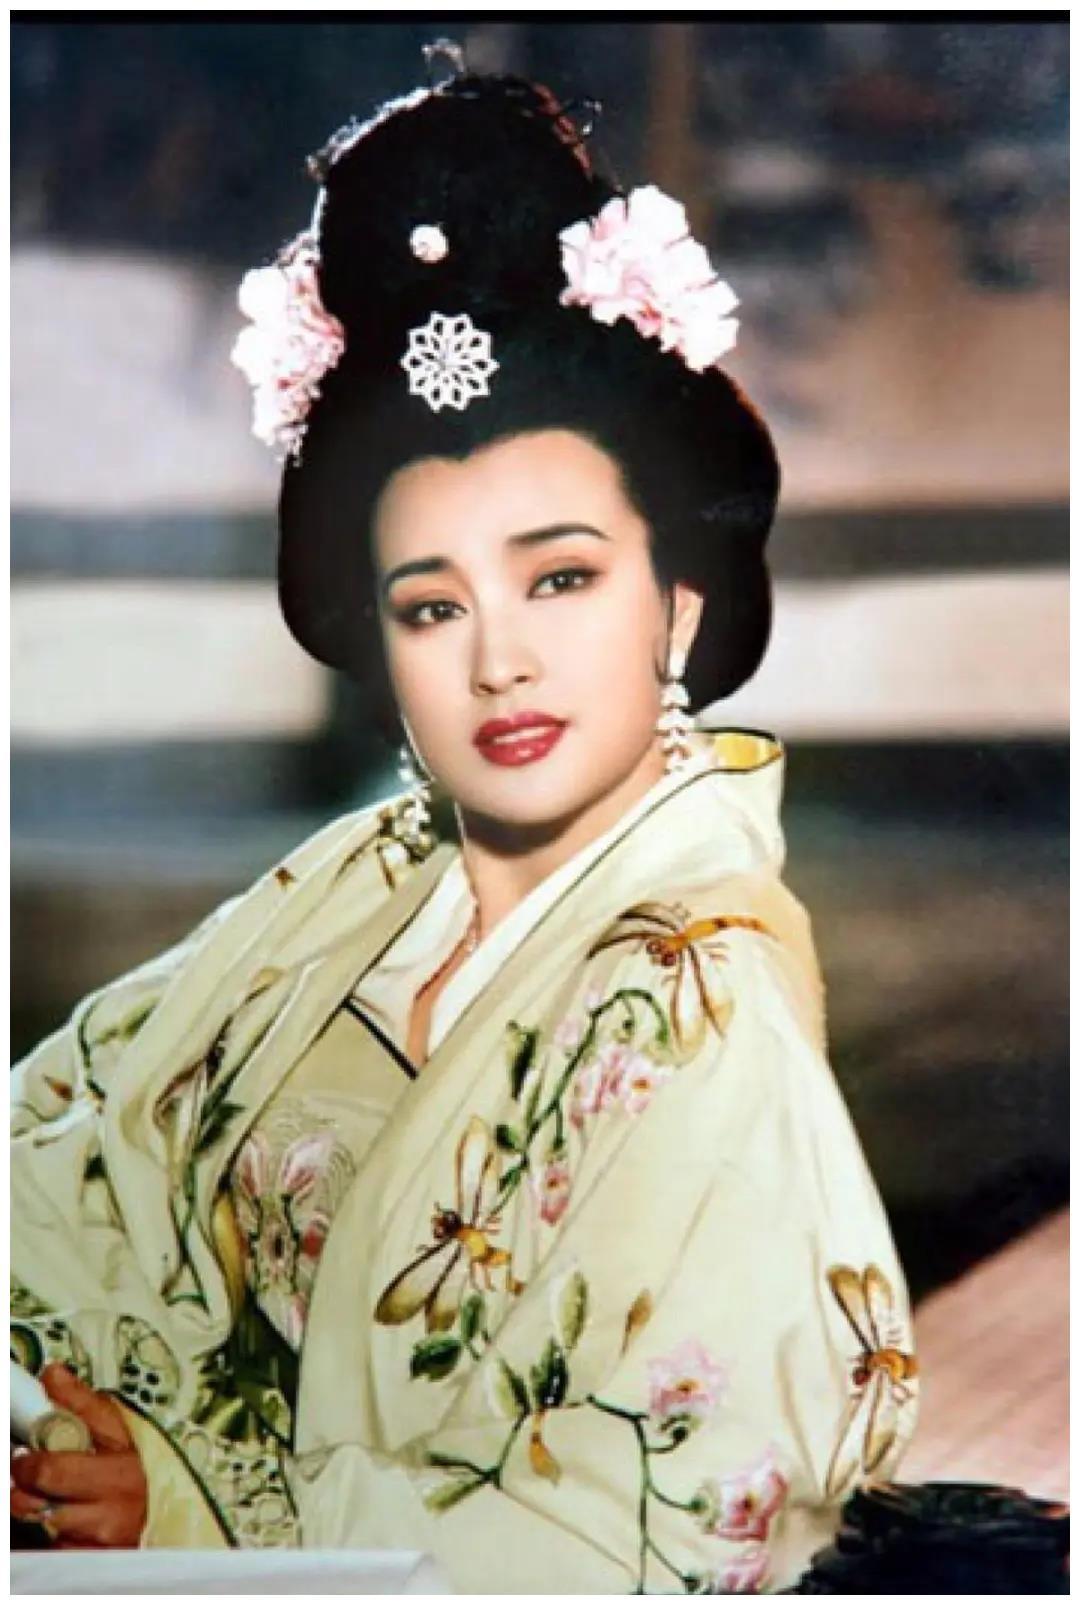 前有萧蔷刘晓庆,后有张檬娄艺潇,脸上动刀打碎了多少童年滤镜?